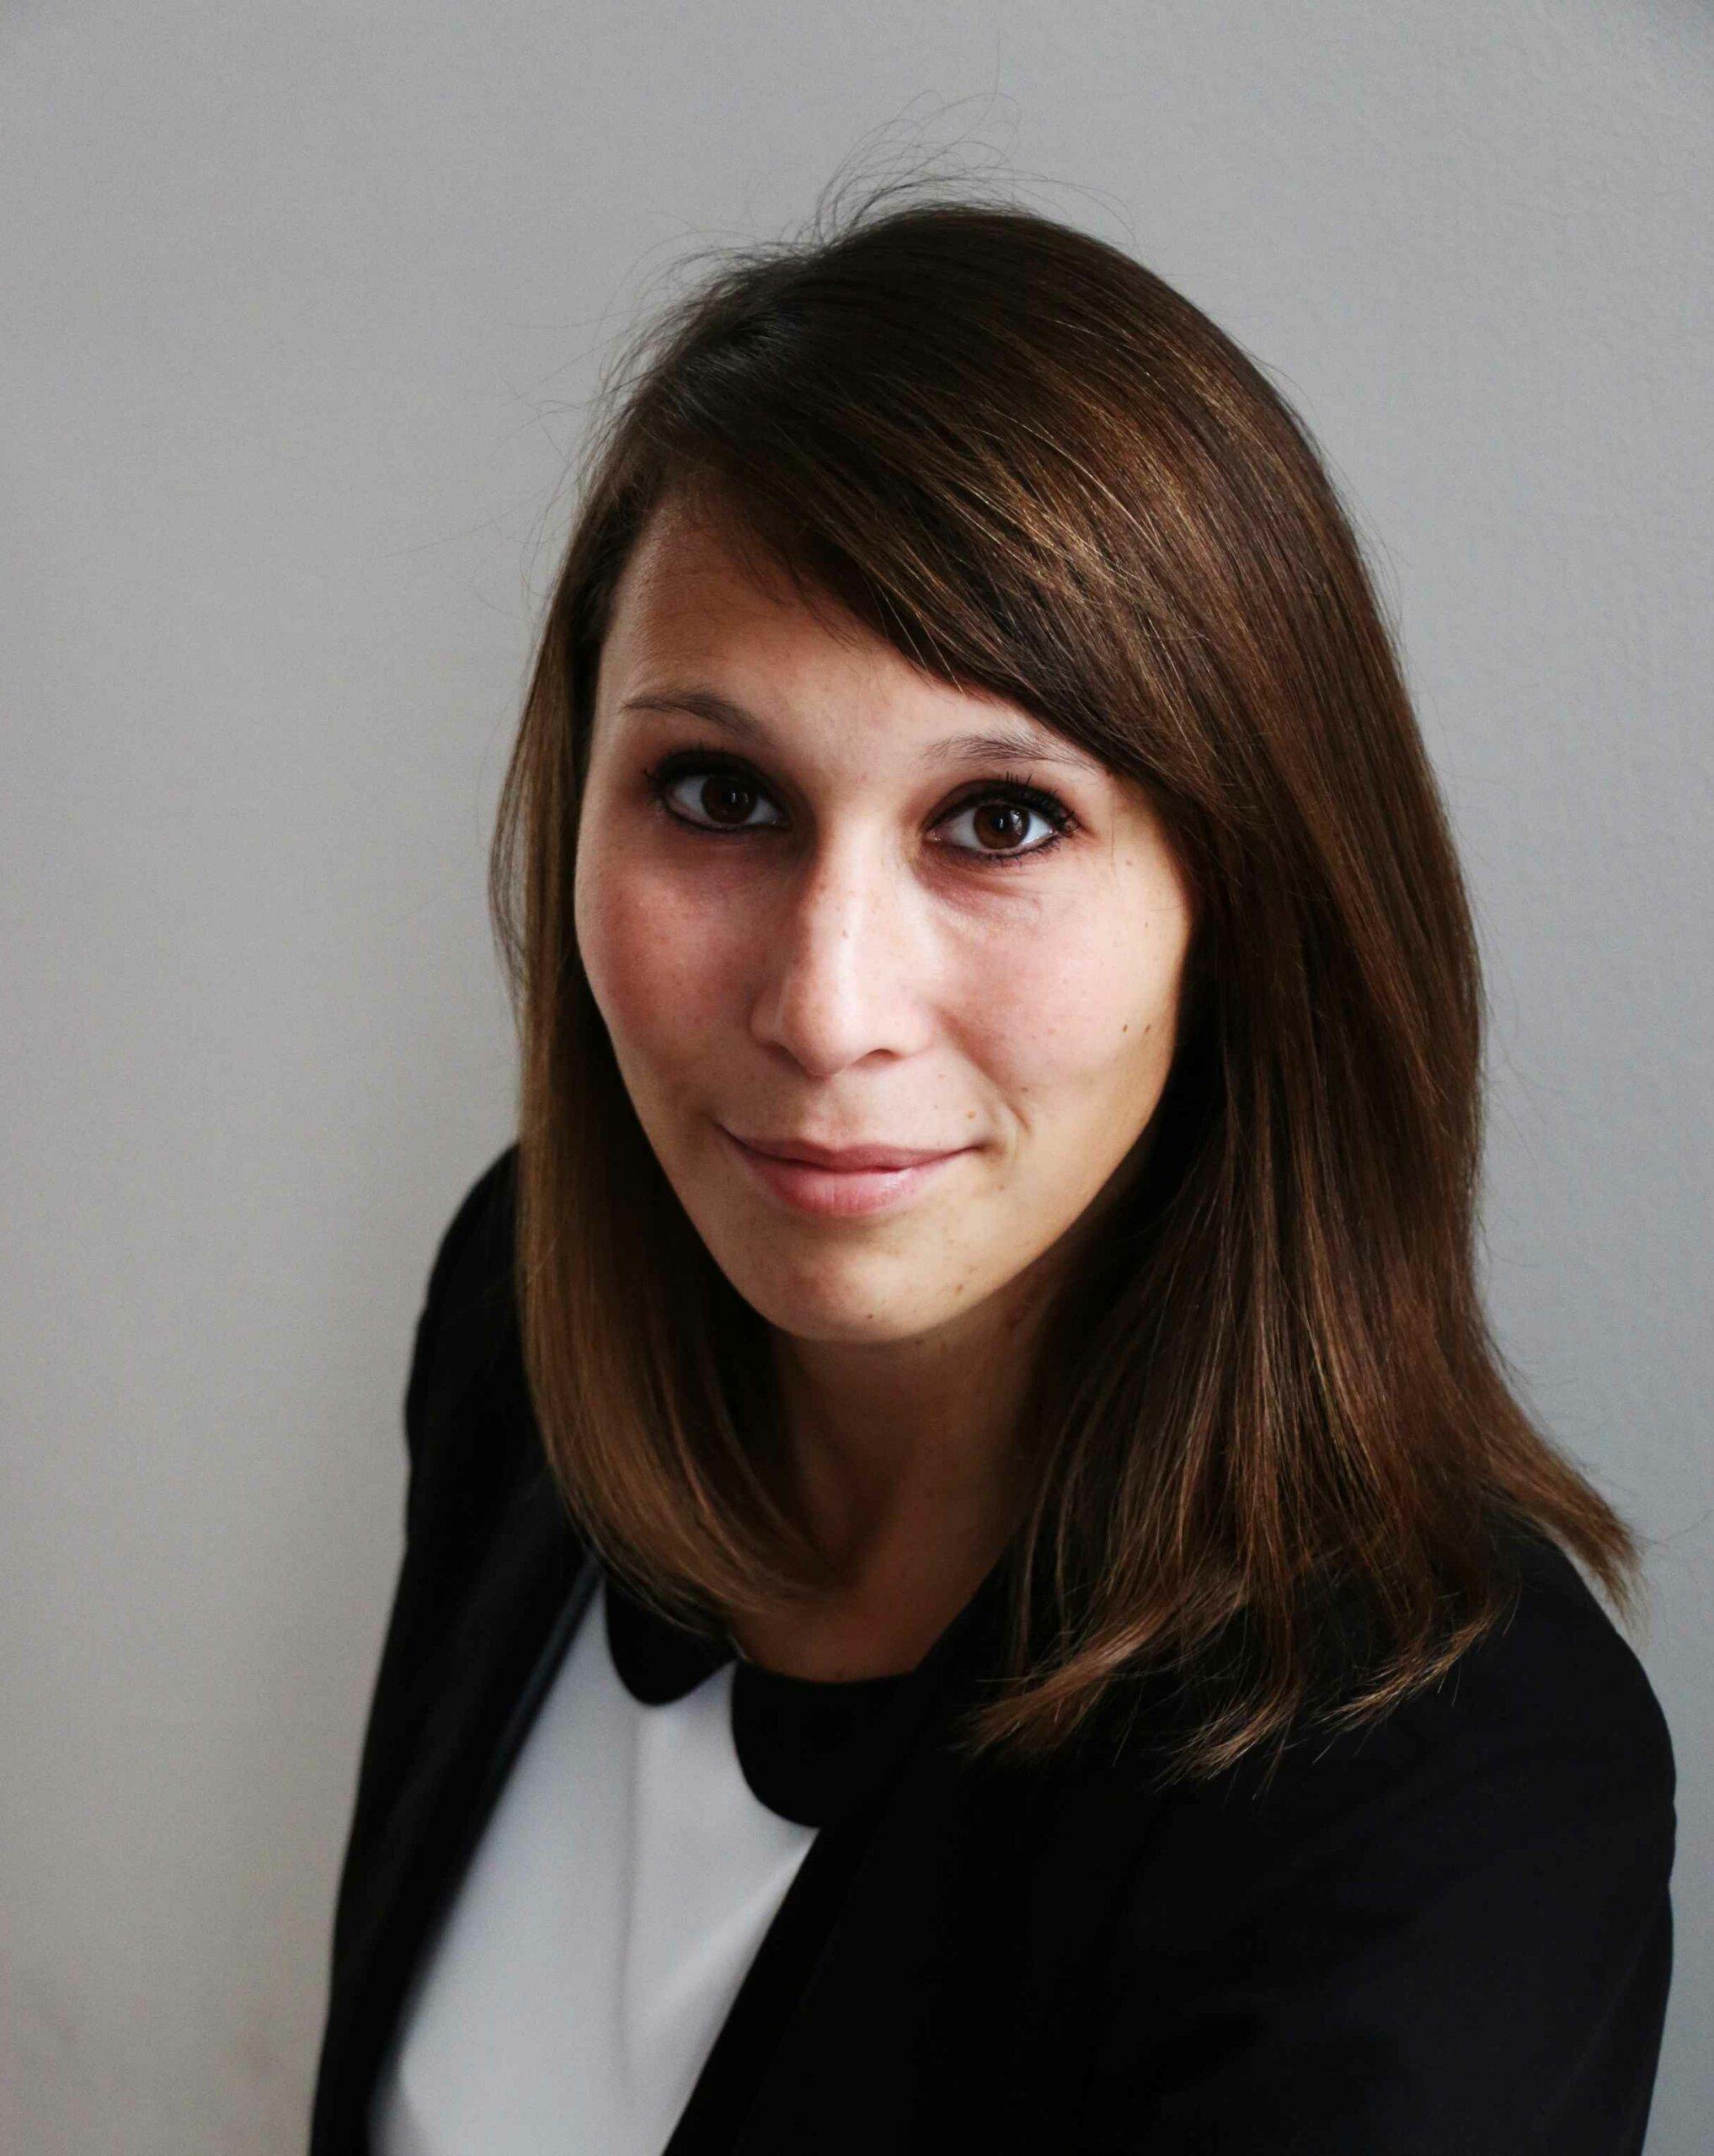 Michaela Killian Profilbild